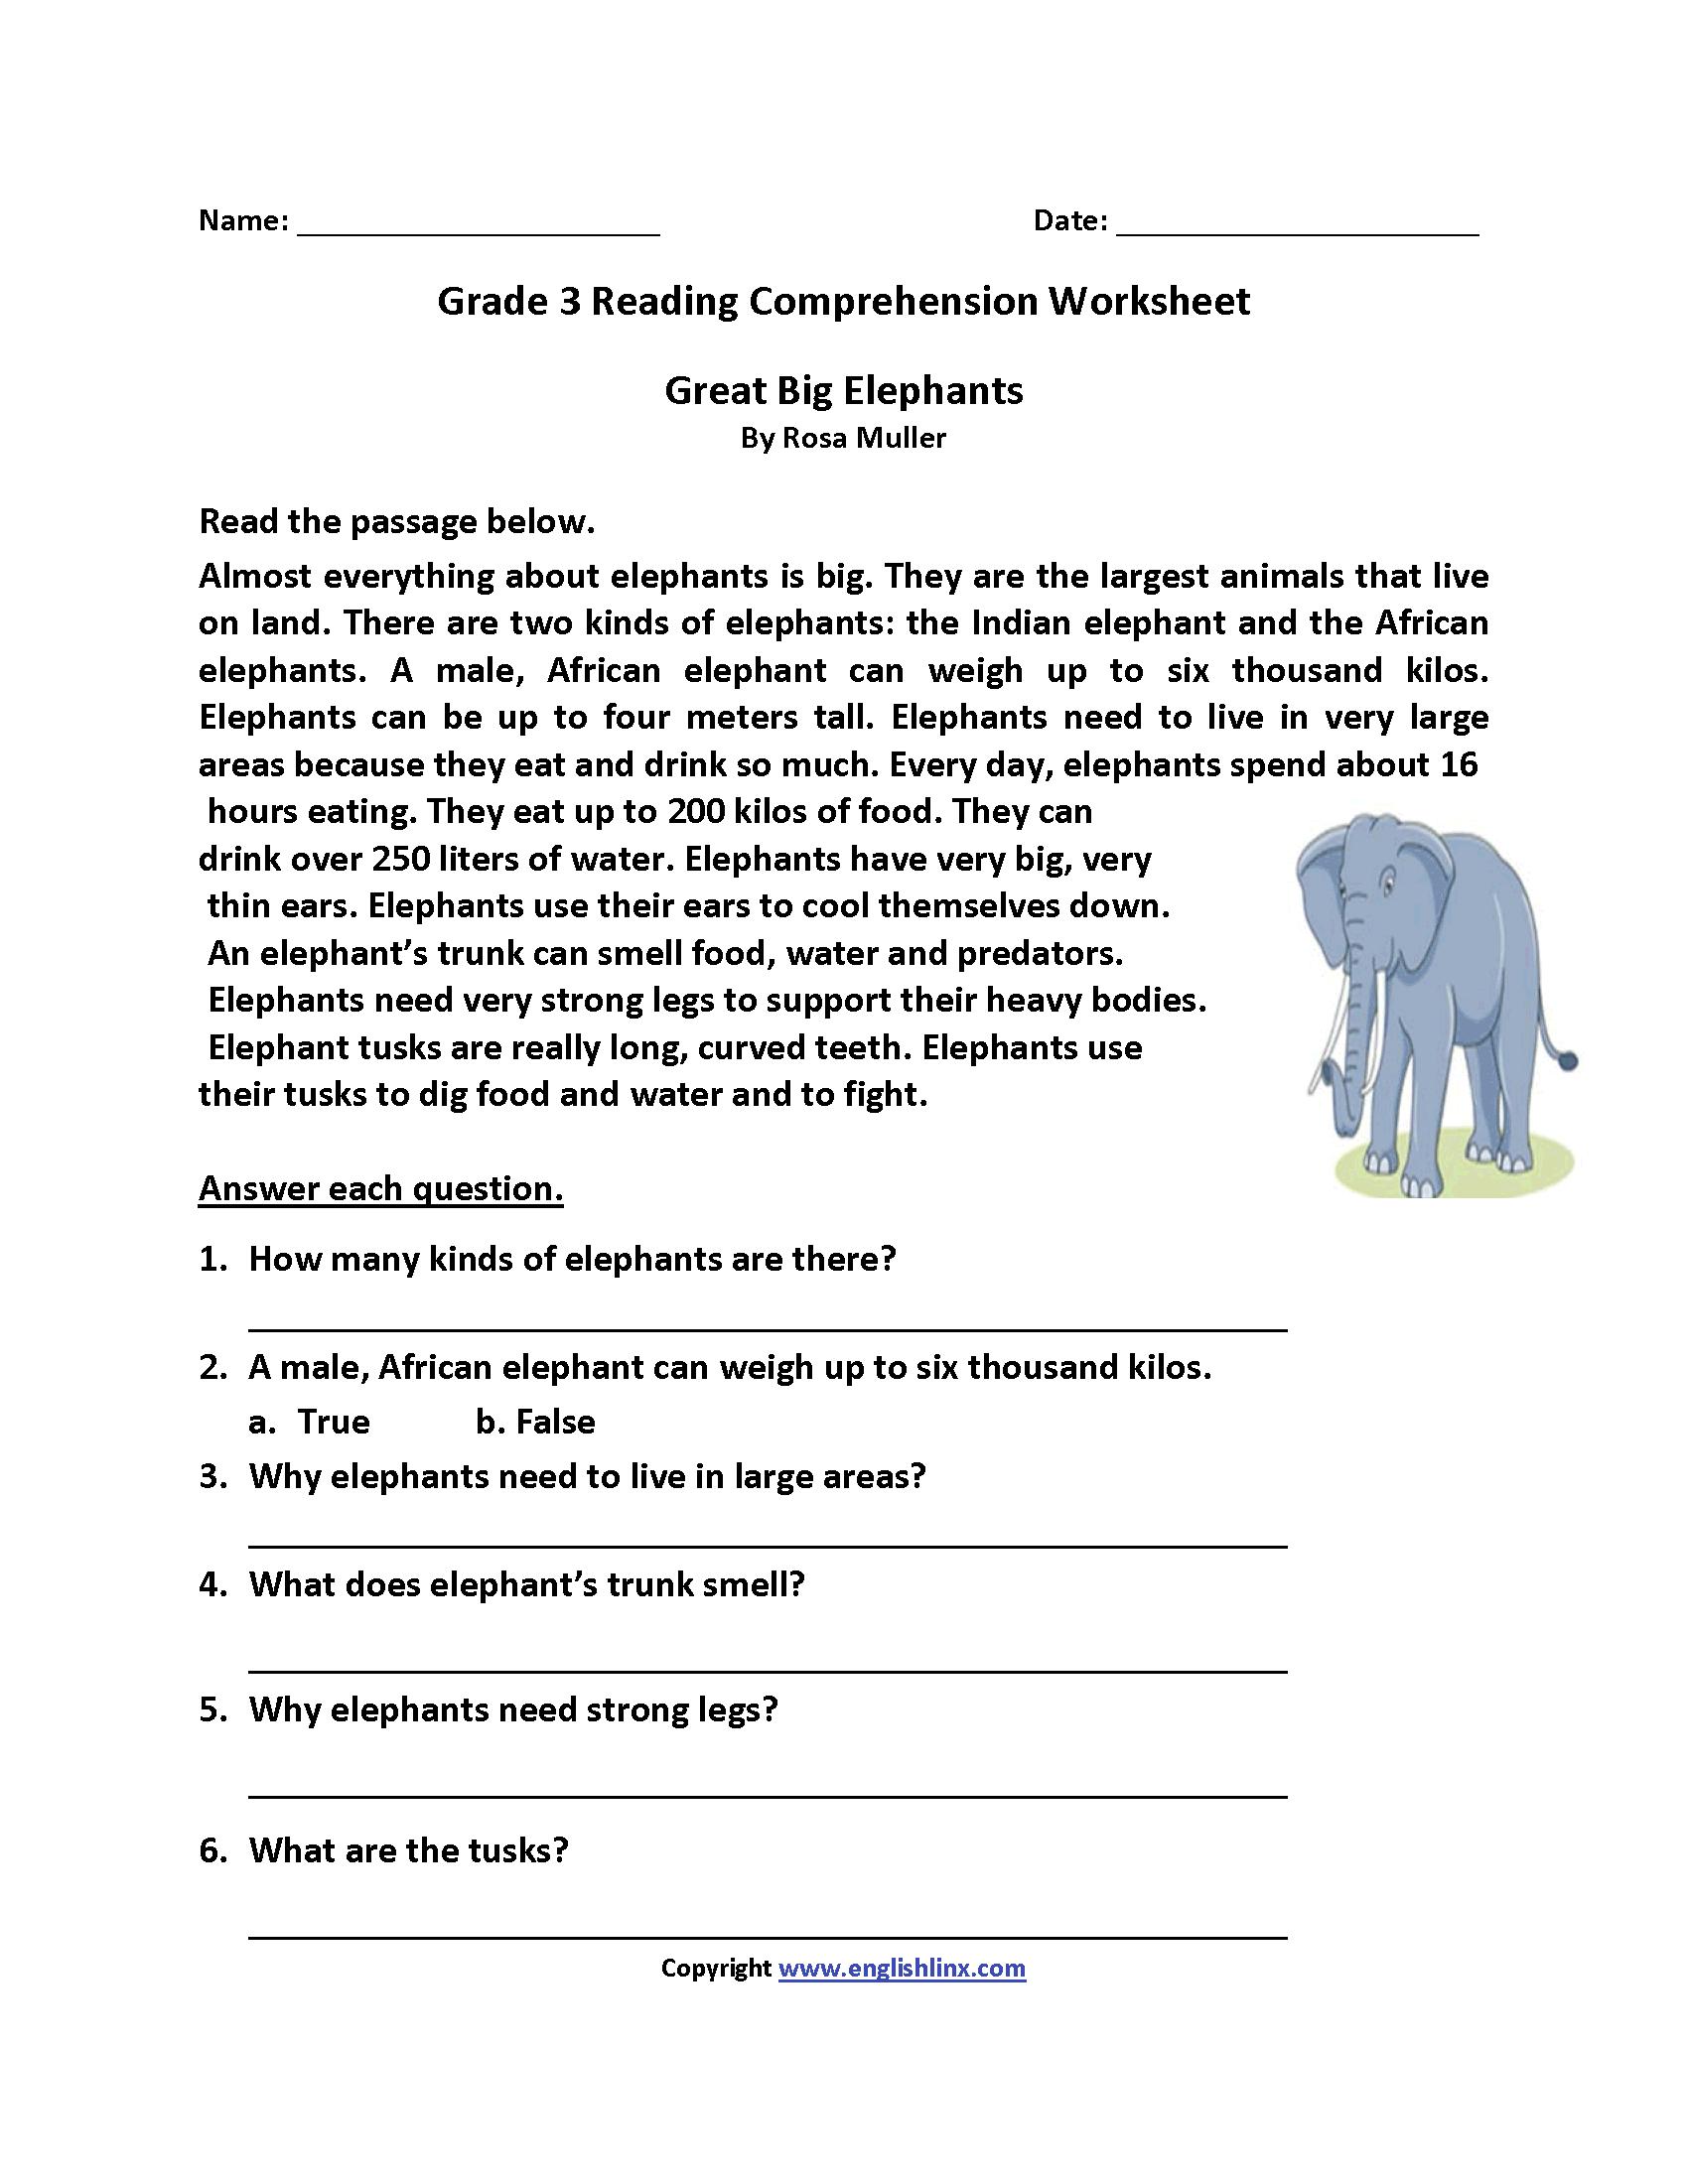 Reading Worksheets  Third Grade Reading Worksheets For 3Rd Grade Comprehension Worksheets